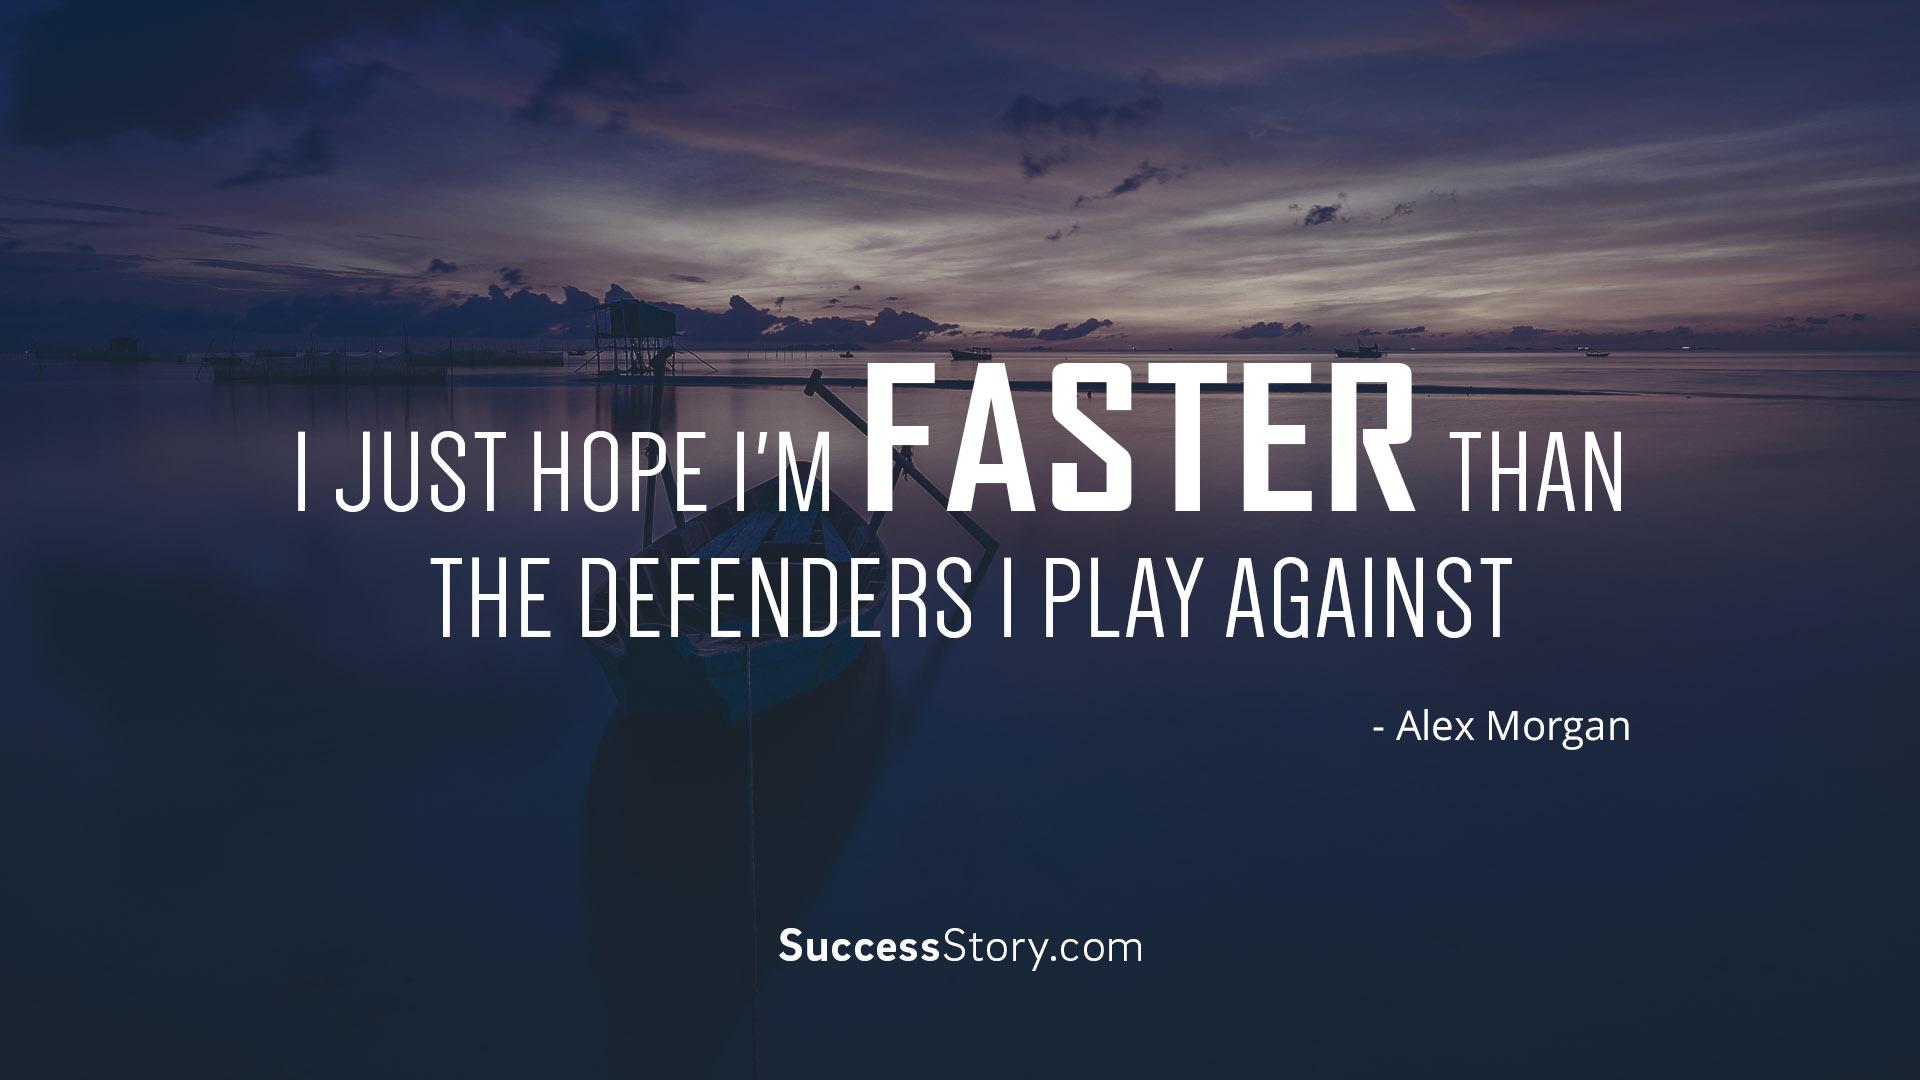 I just hope